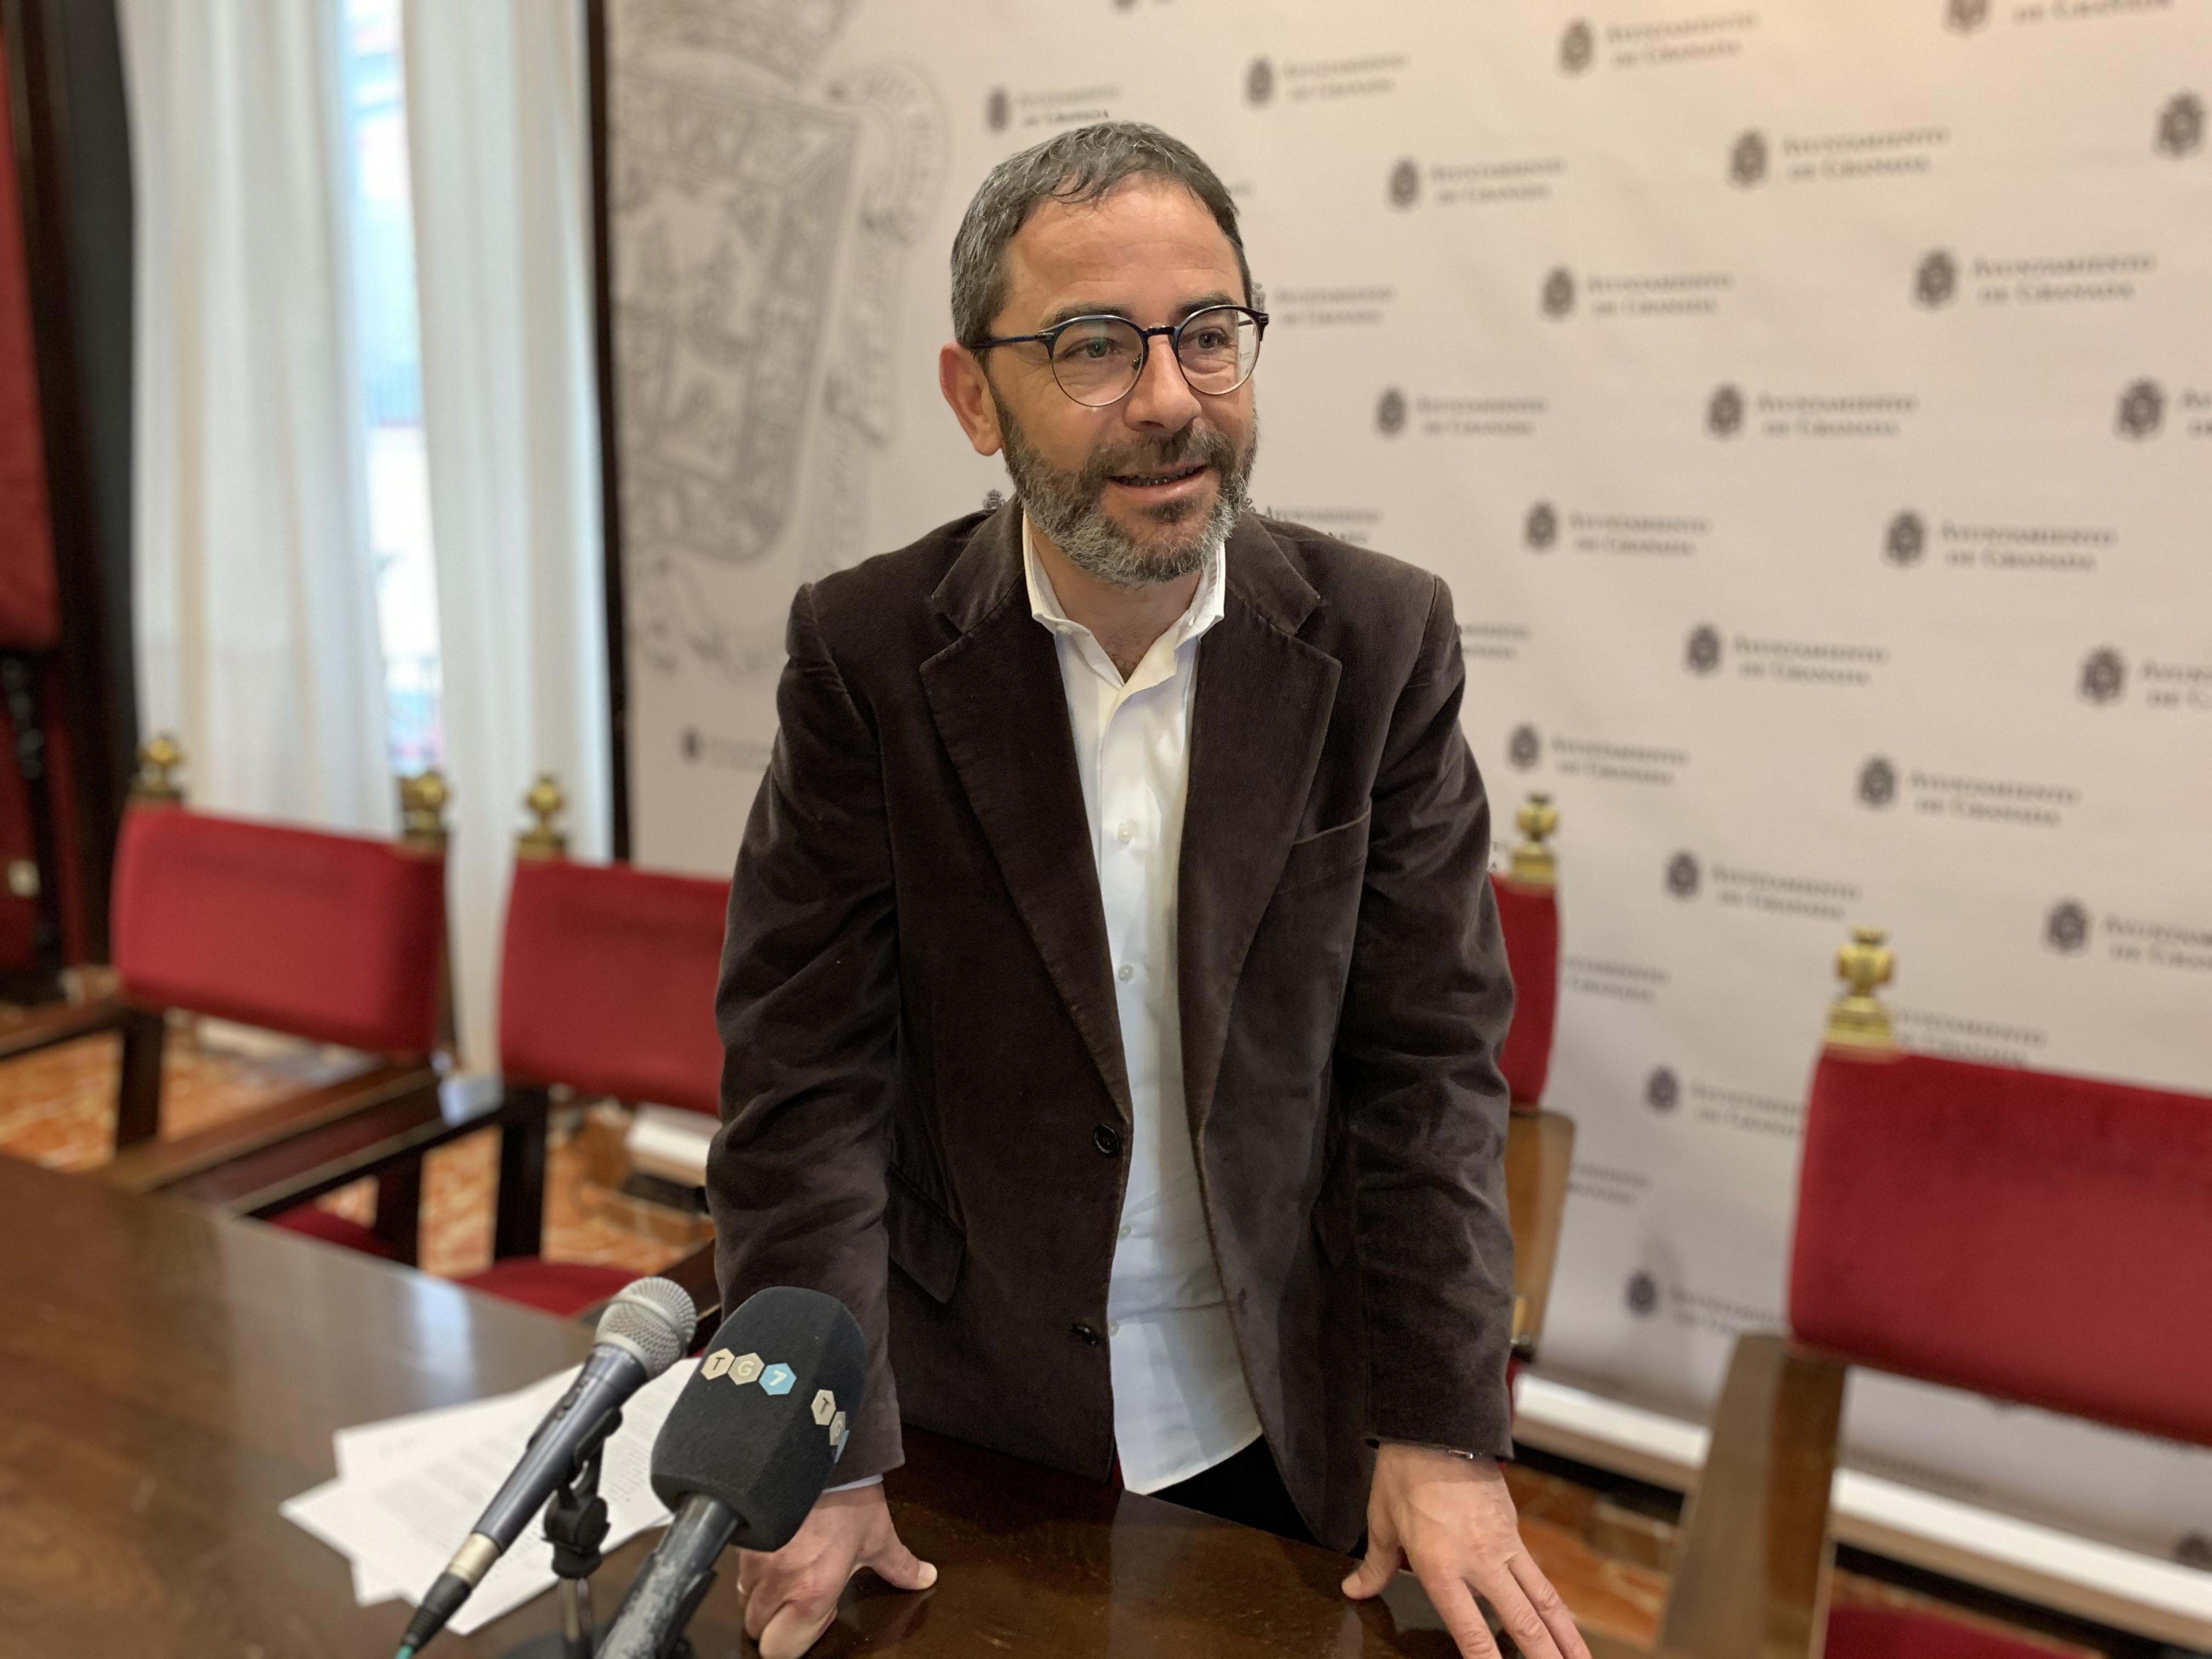 El PSOE propone al Pleno reforzar los controles de Covid tras el aumento de rebrotes